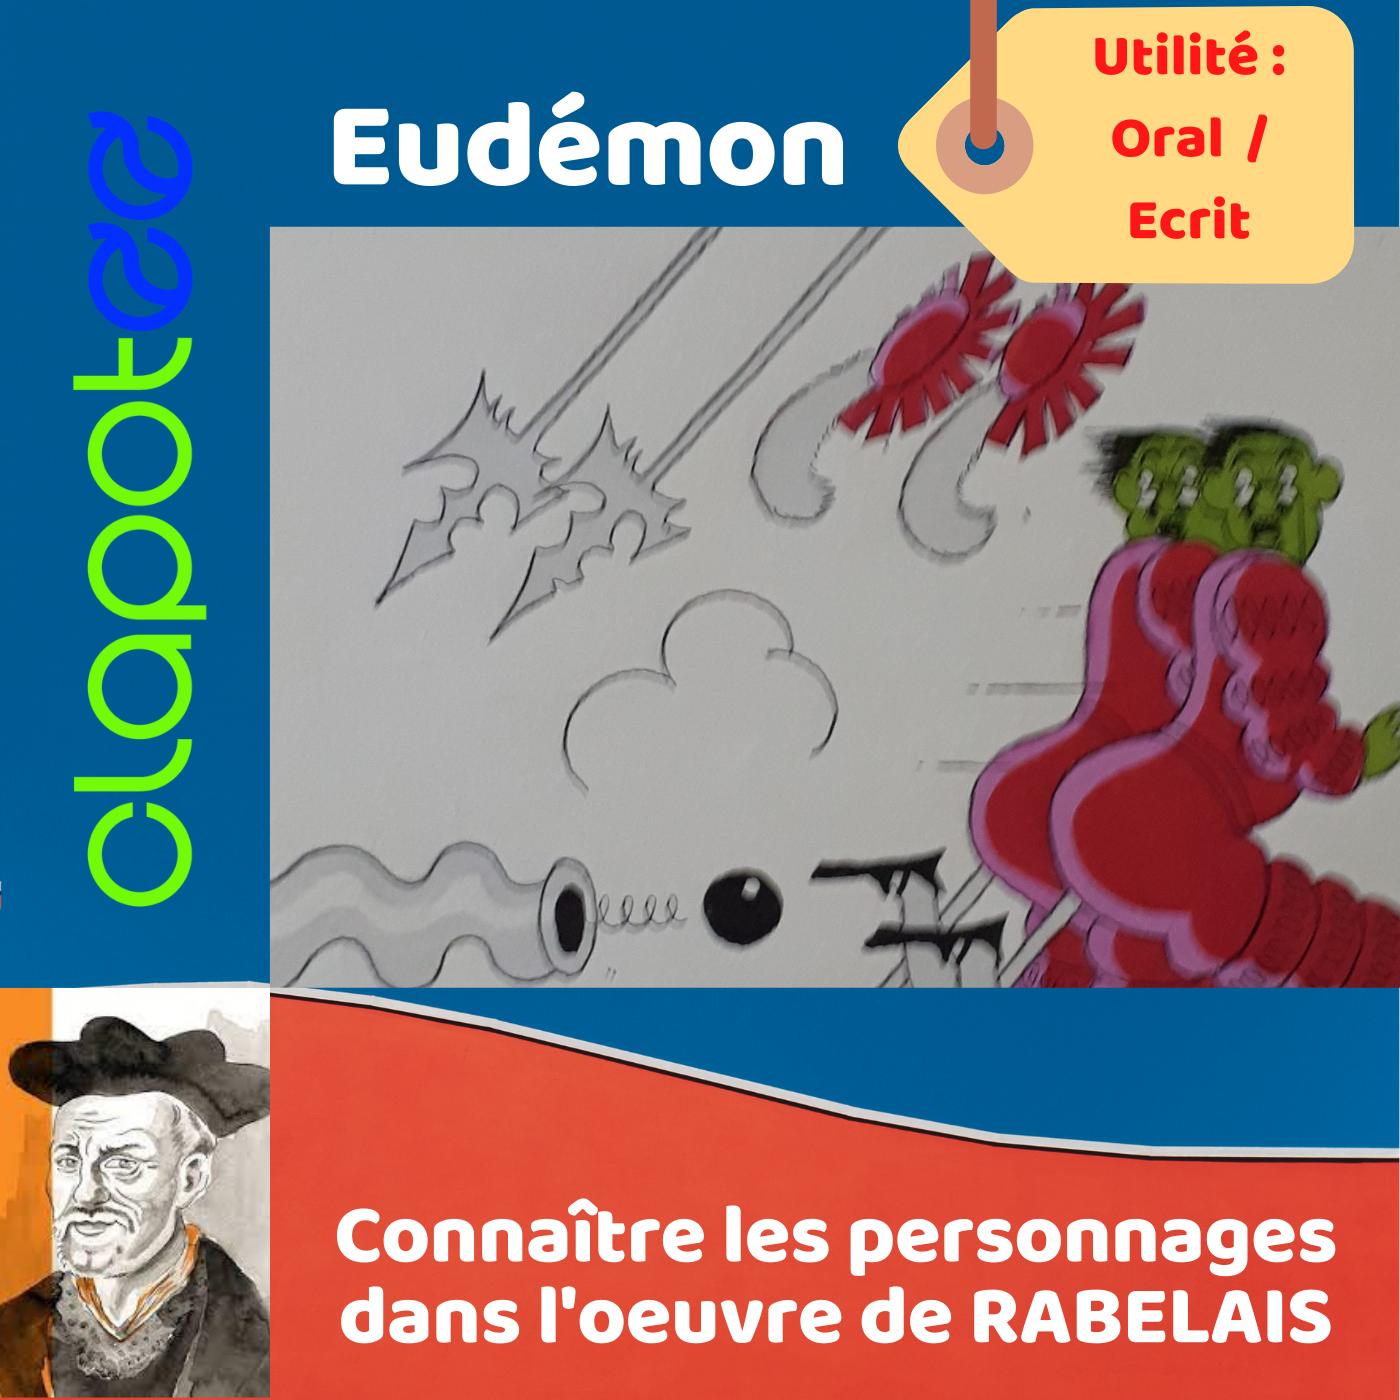 ENDEMON, personnage symbolique dans GARGANTUA.